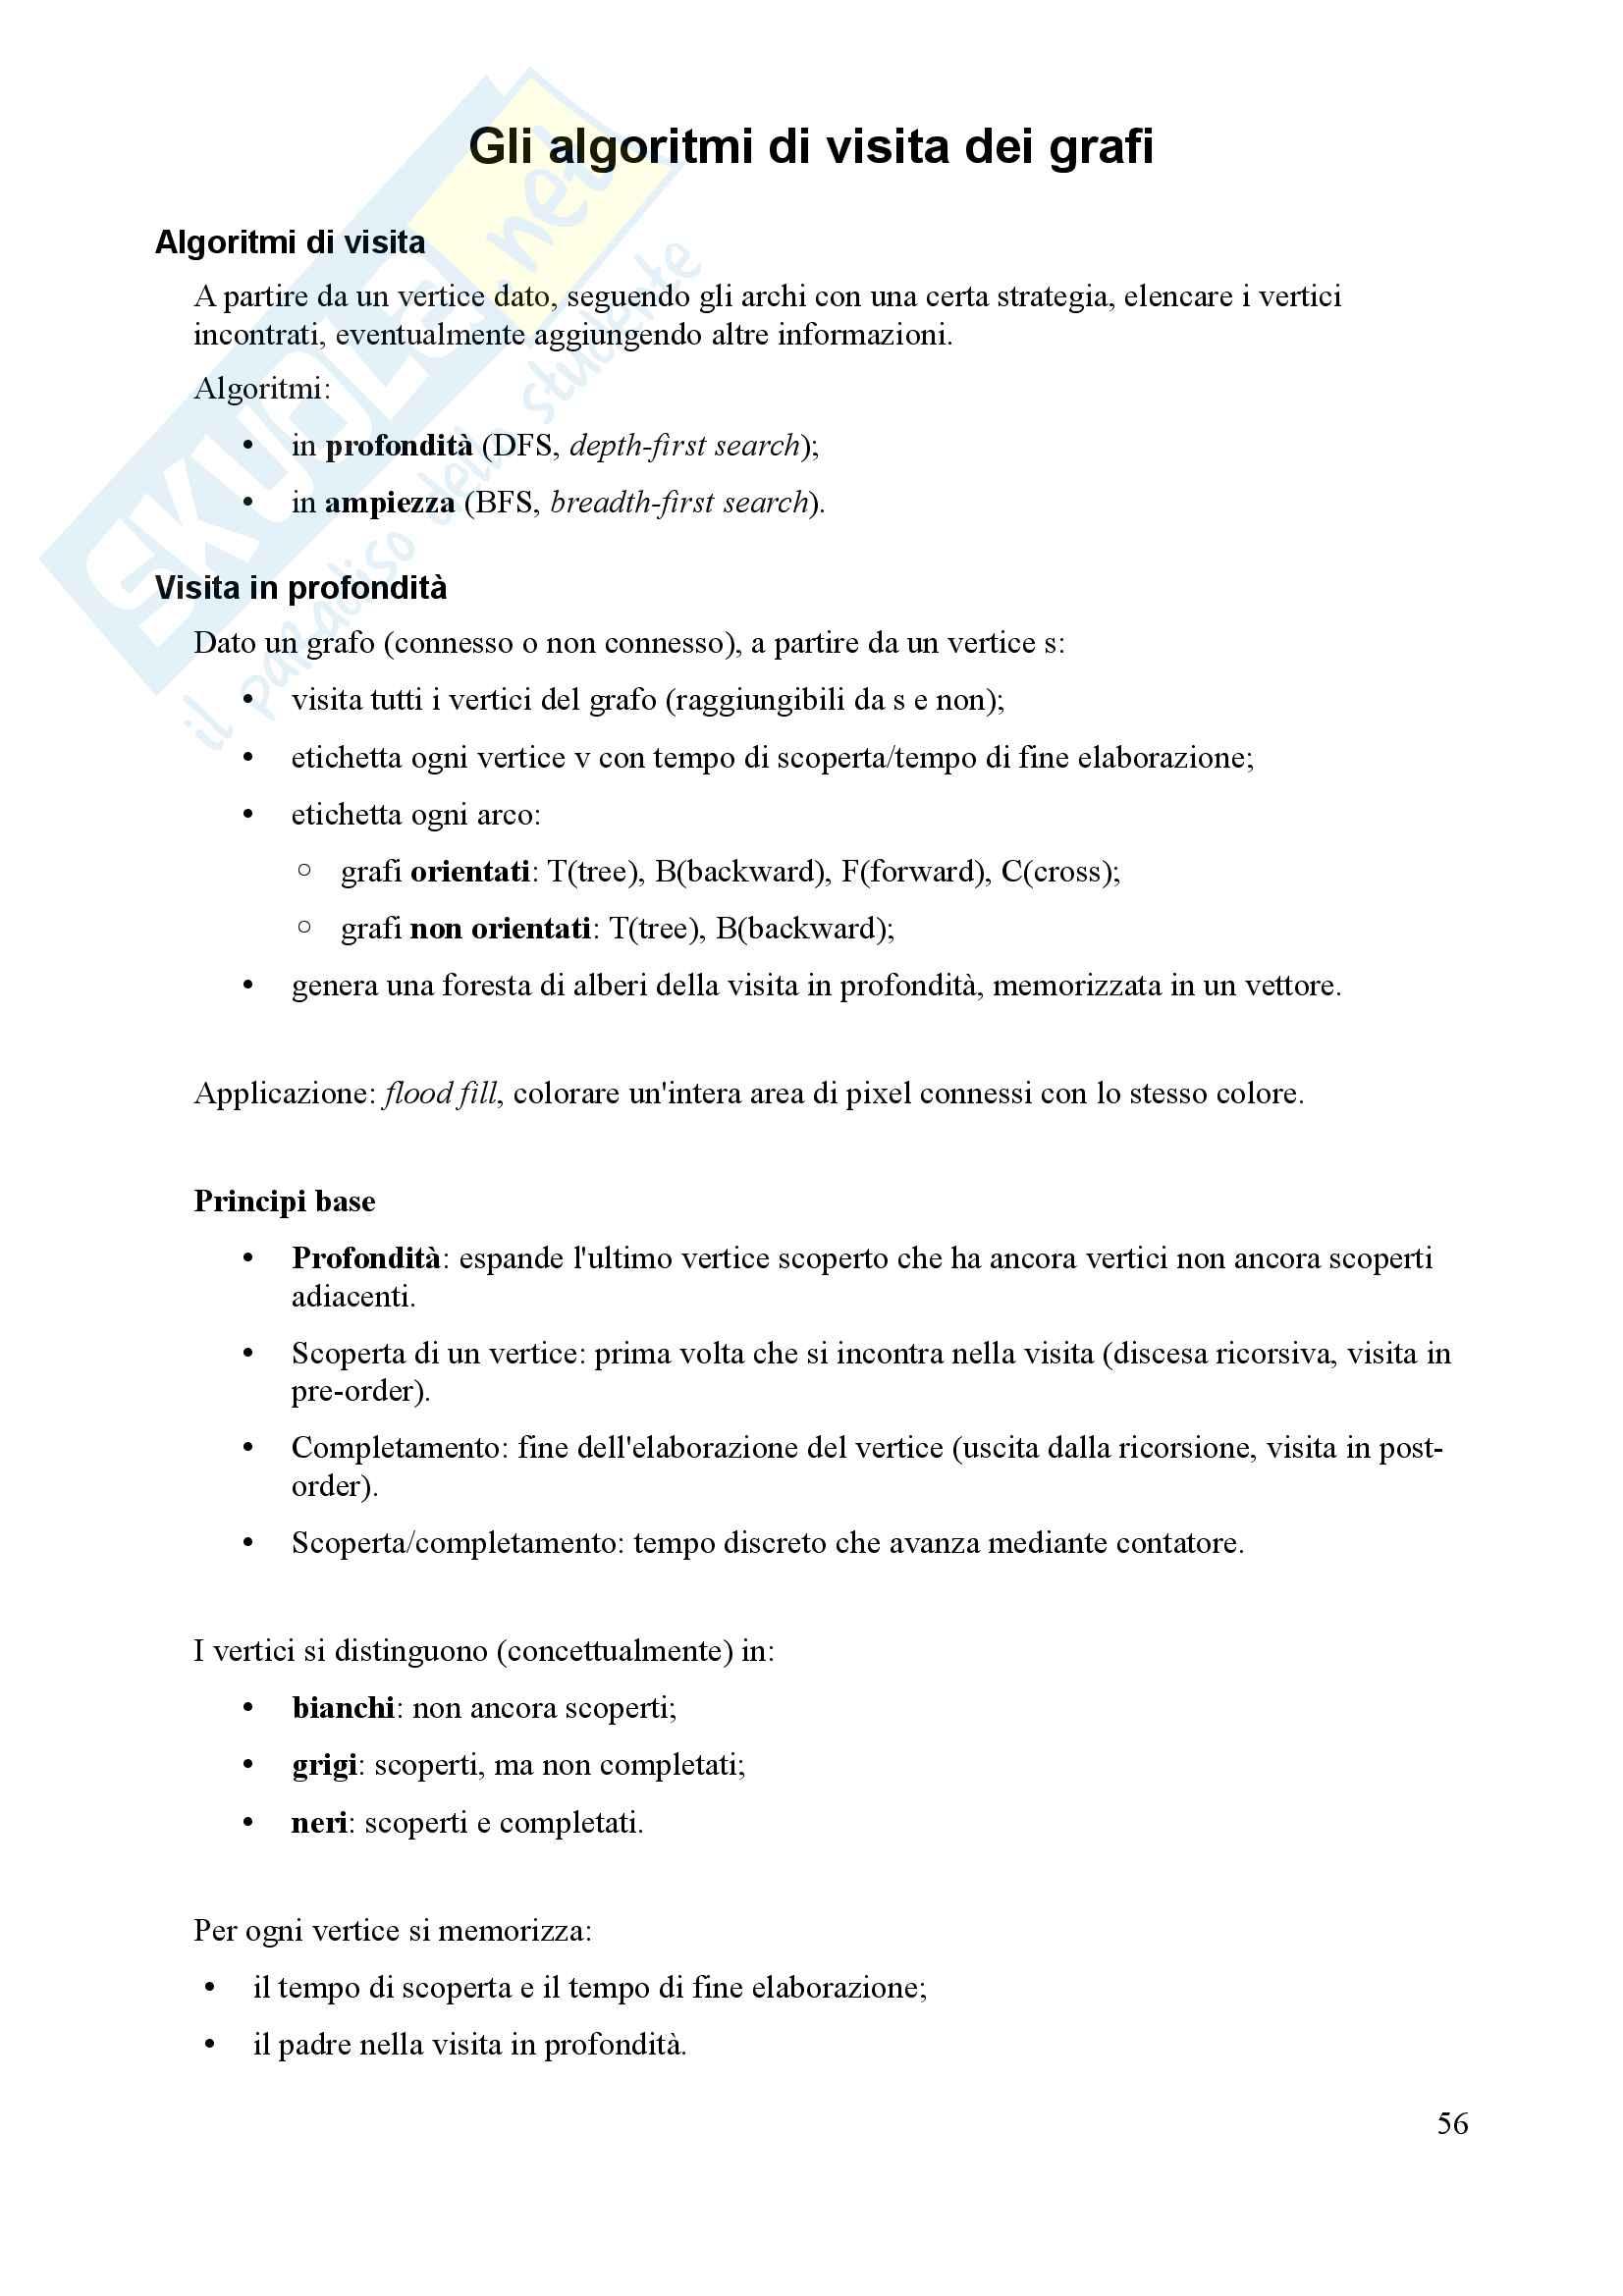 Algoritmi e Programmazione - Appunti Pag. 56